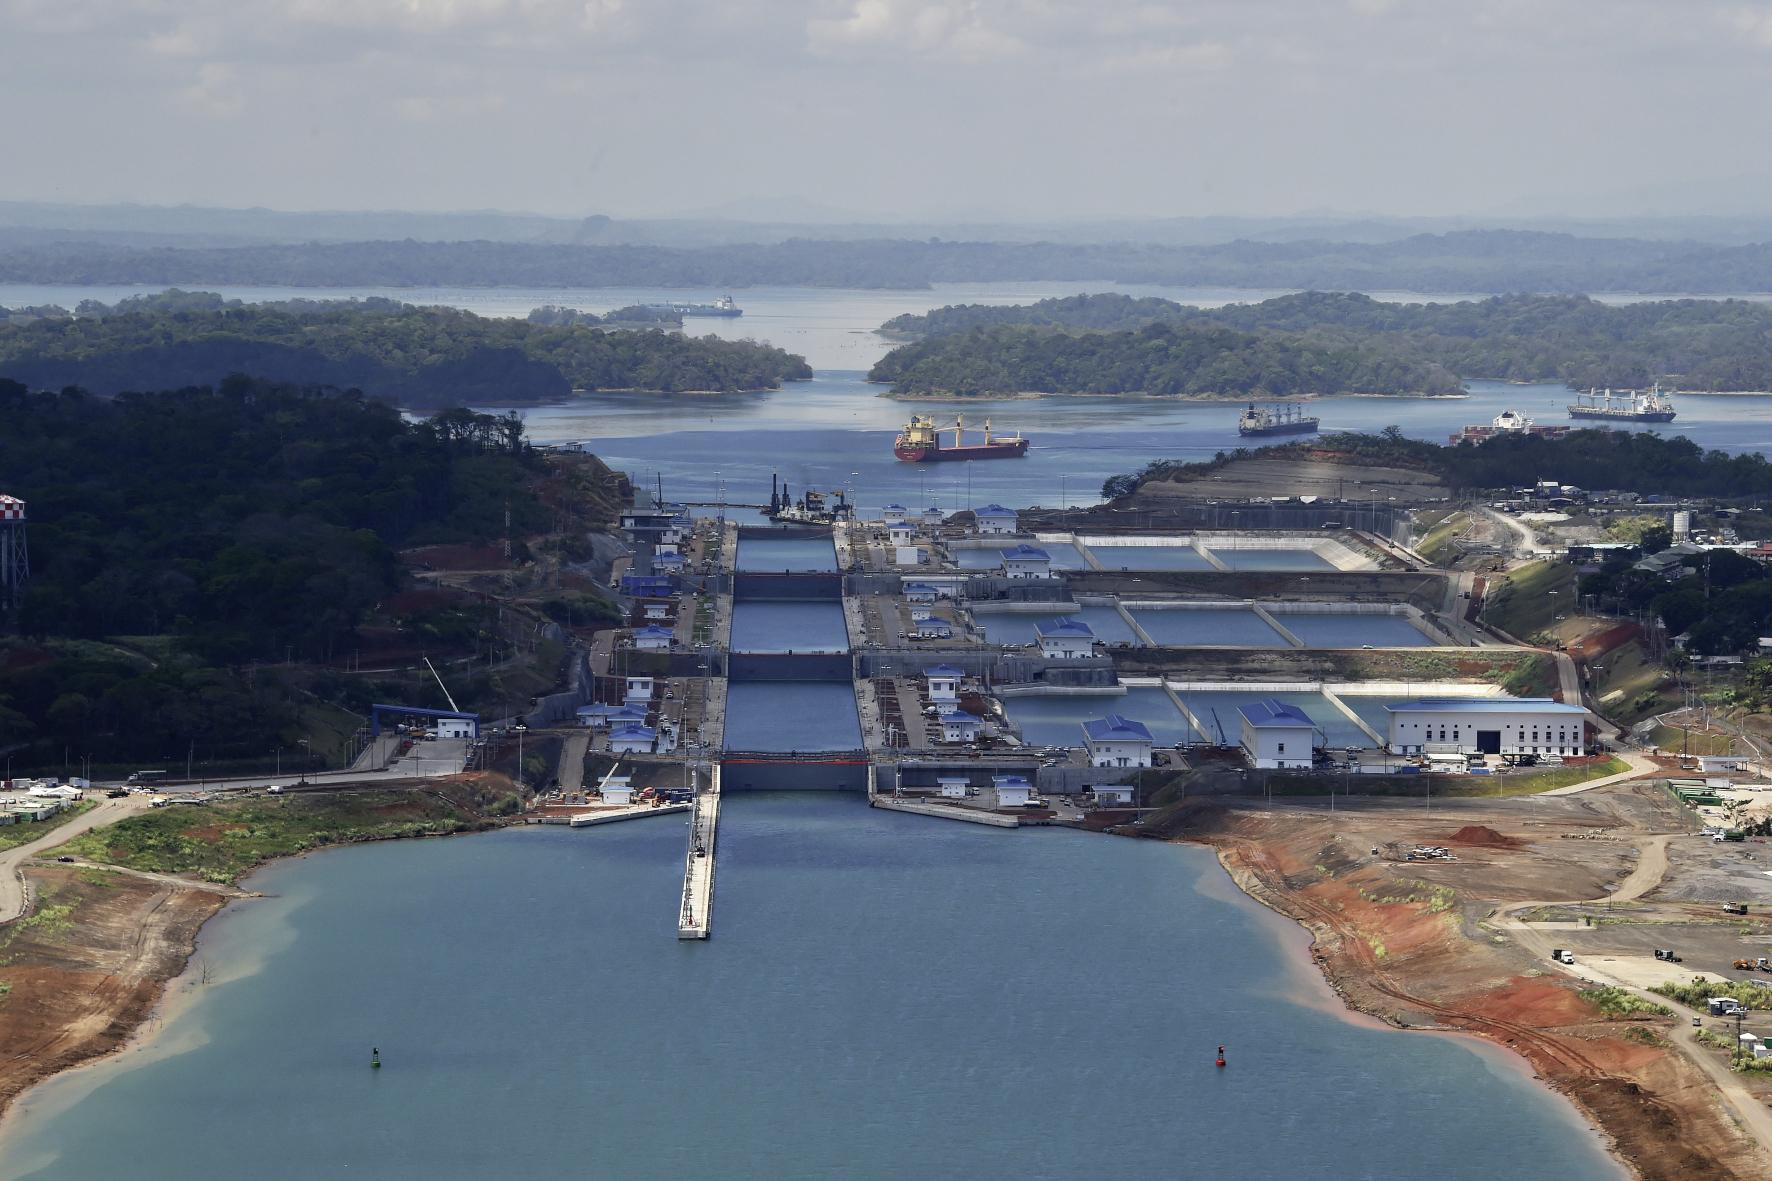 mid Groß-Gerau - Deutsche Technik am Panamakanal: Die stählernen Führungsrollen der gewaltigen Schleusentore sind mit Lagern von Schaeffler ausgestattet.